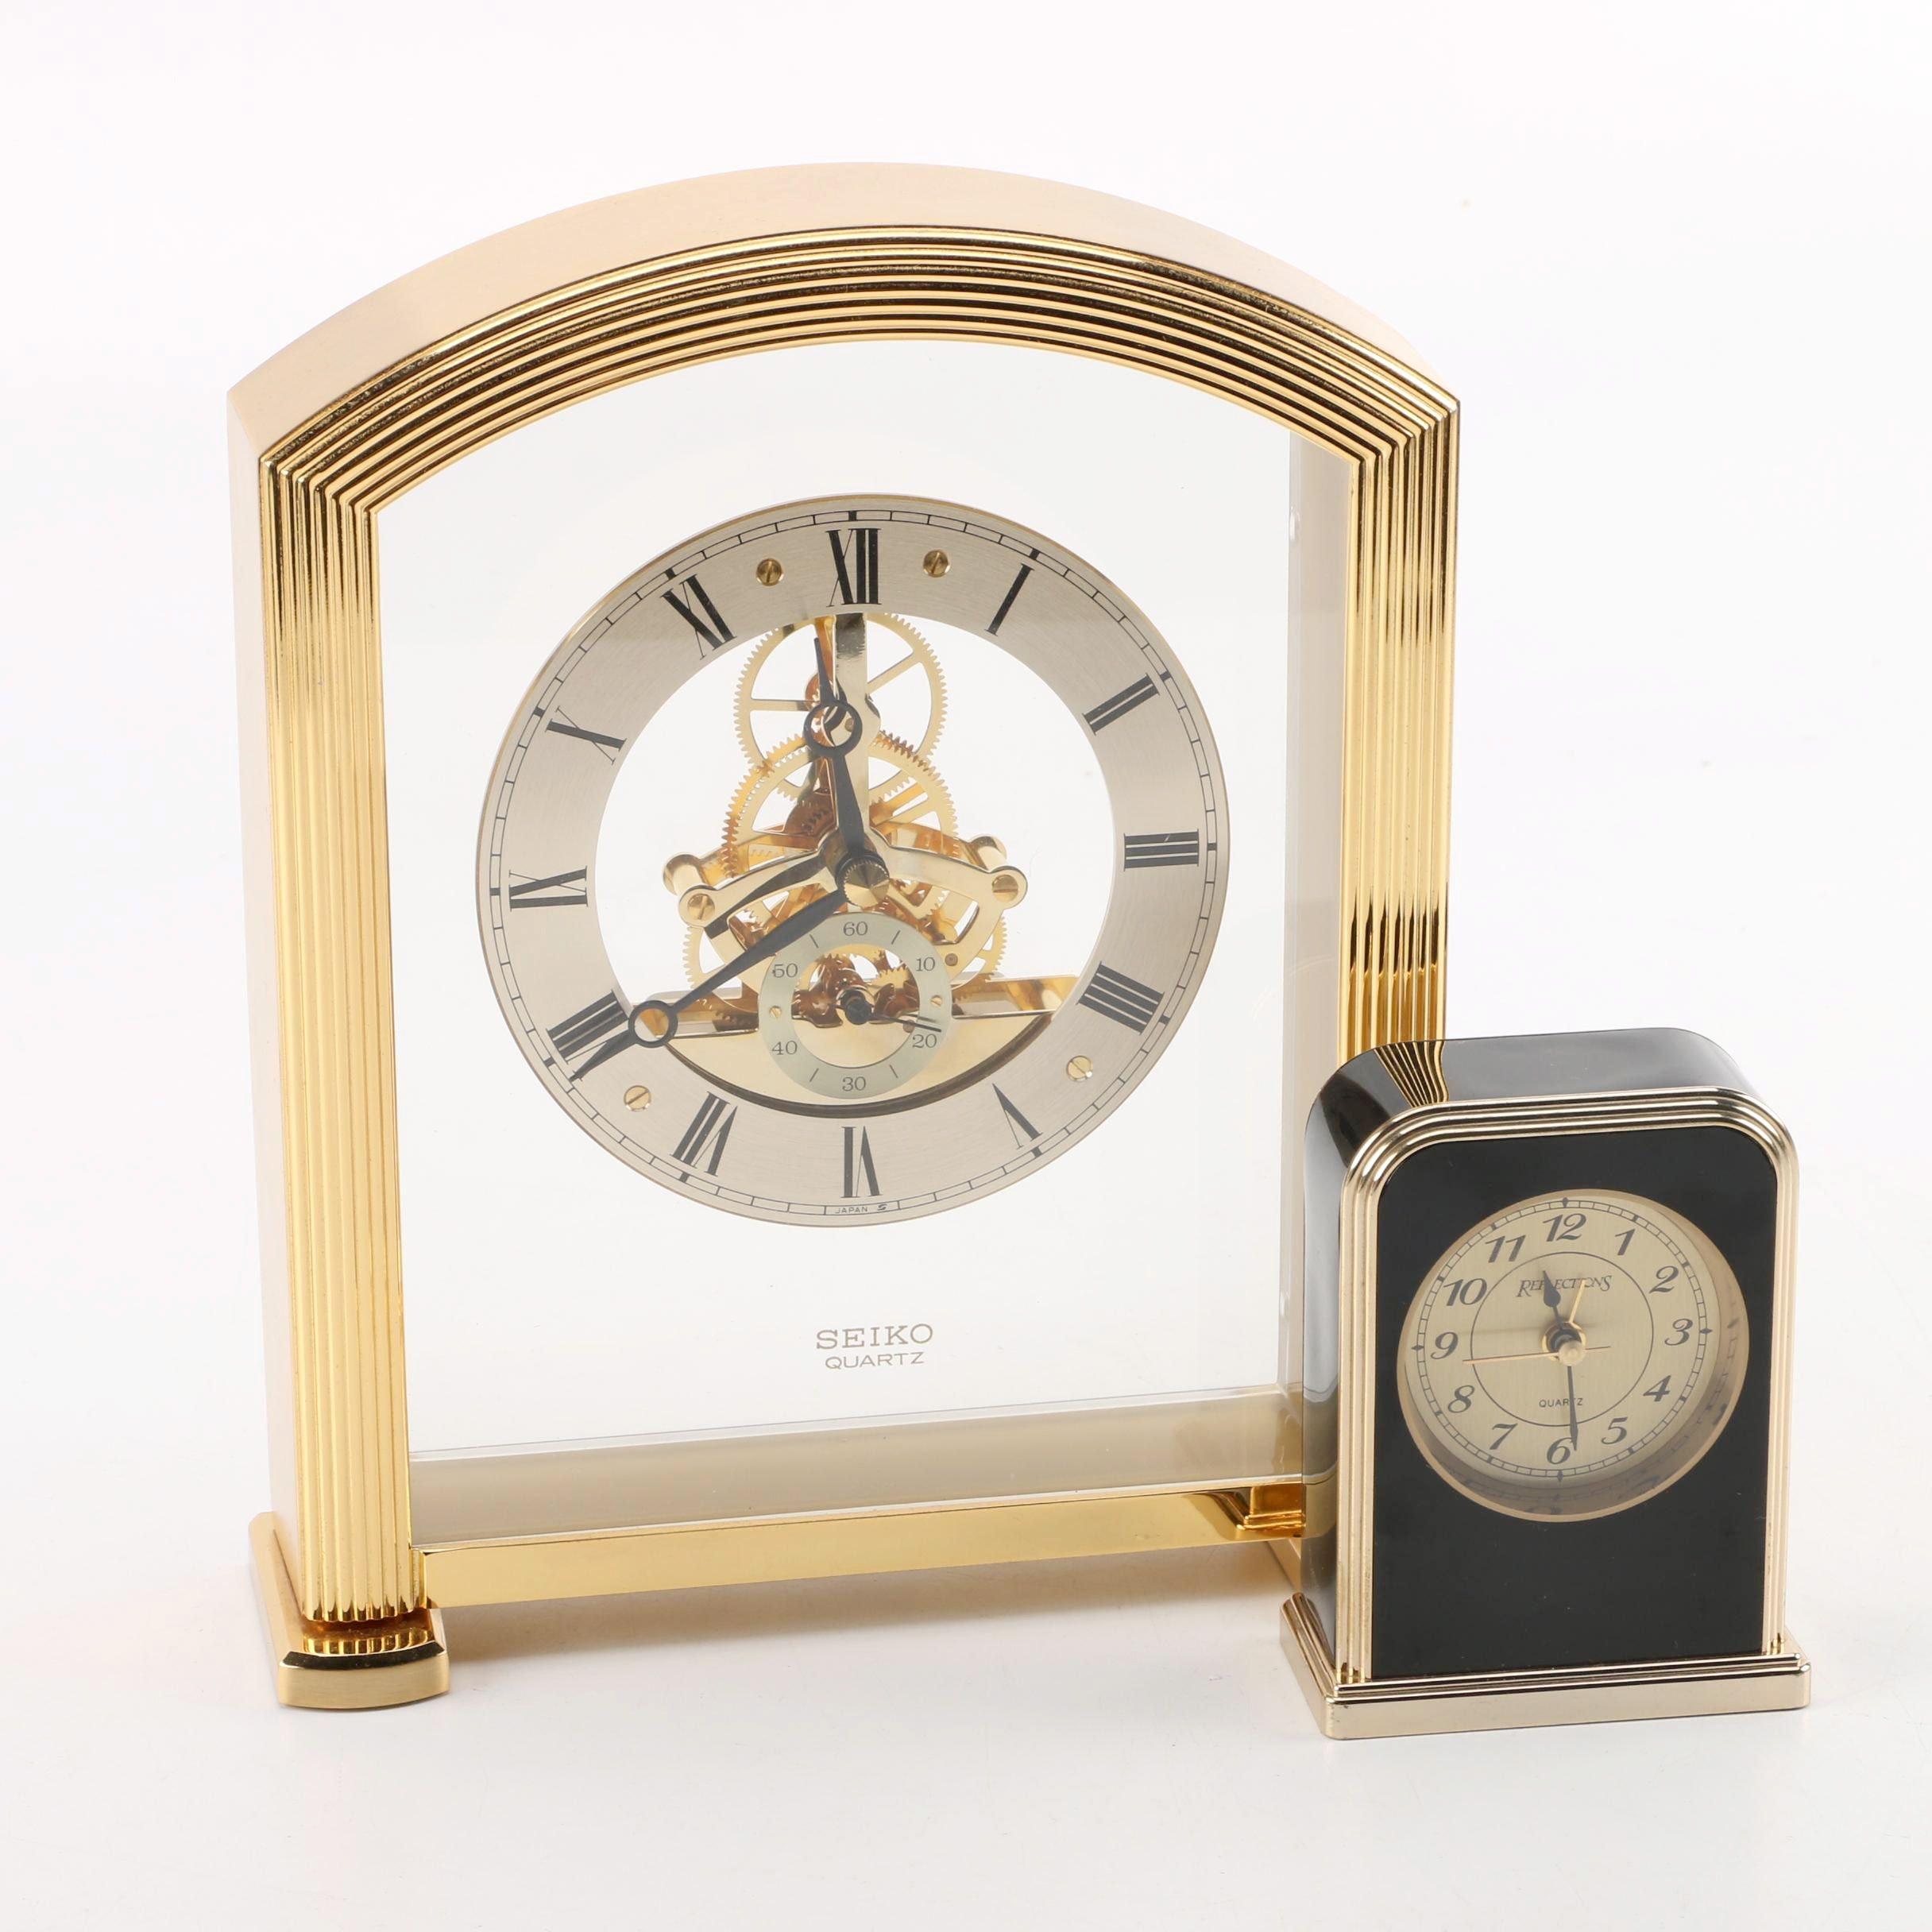 Seiko and Reflections Quartz Shelf Clocks